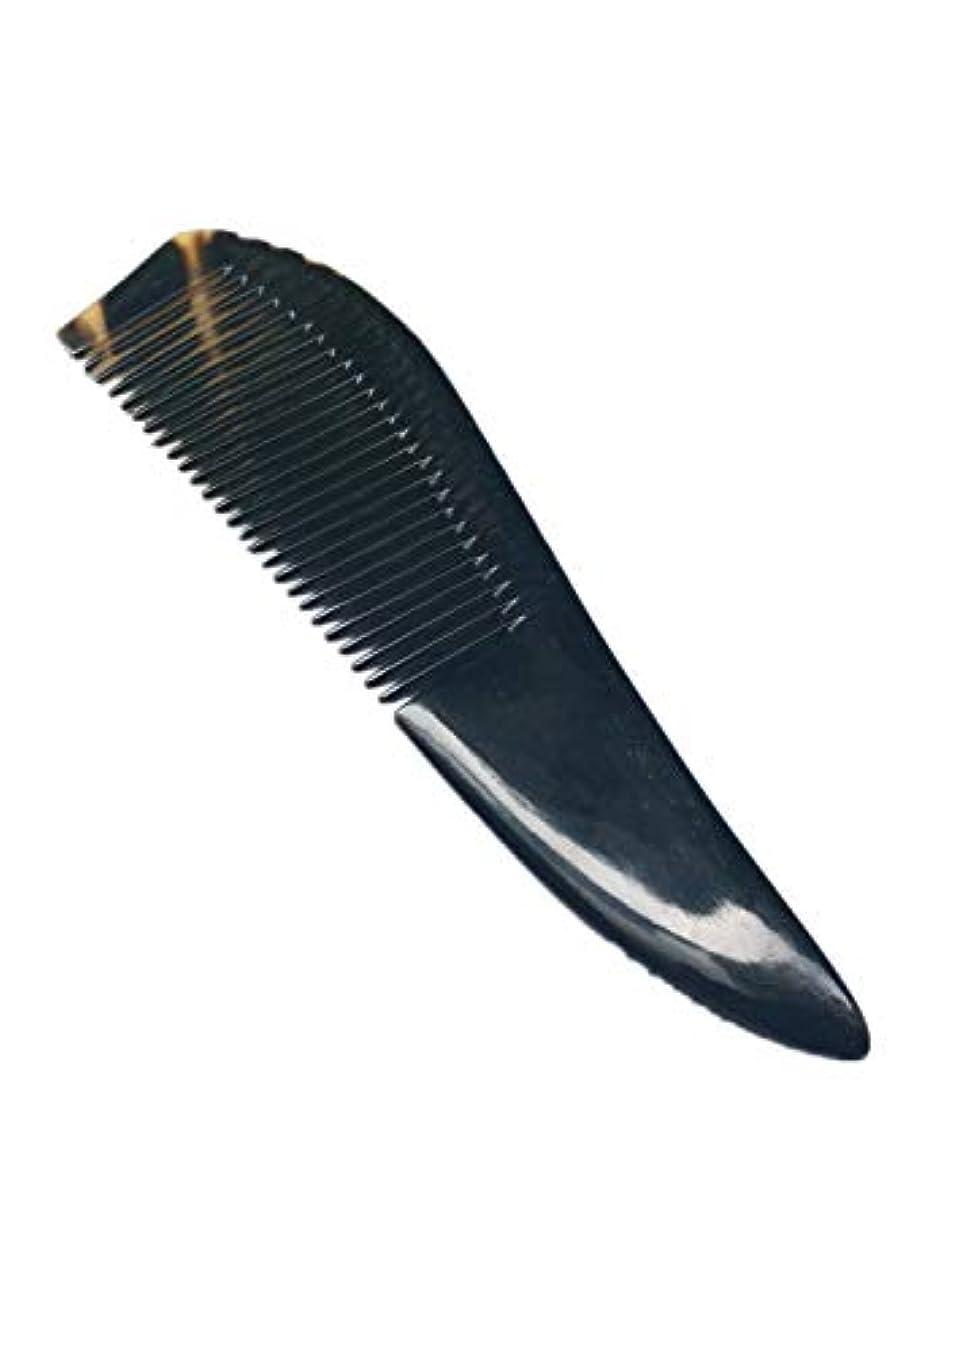 電話する確立スマイルヘアコームナチュラルバッファローホーン櫛手作り抗静的ファイン歯ビアードくしショートハンドル